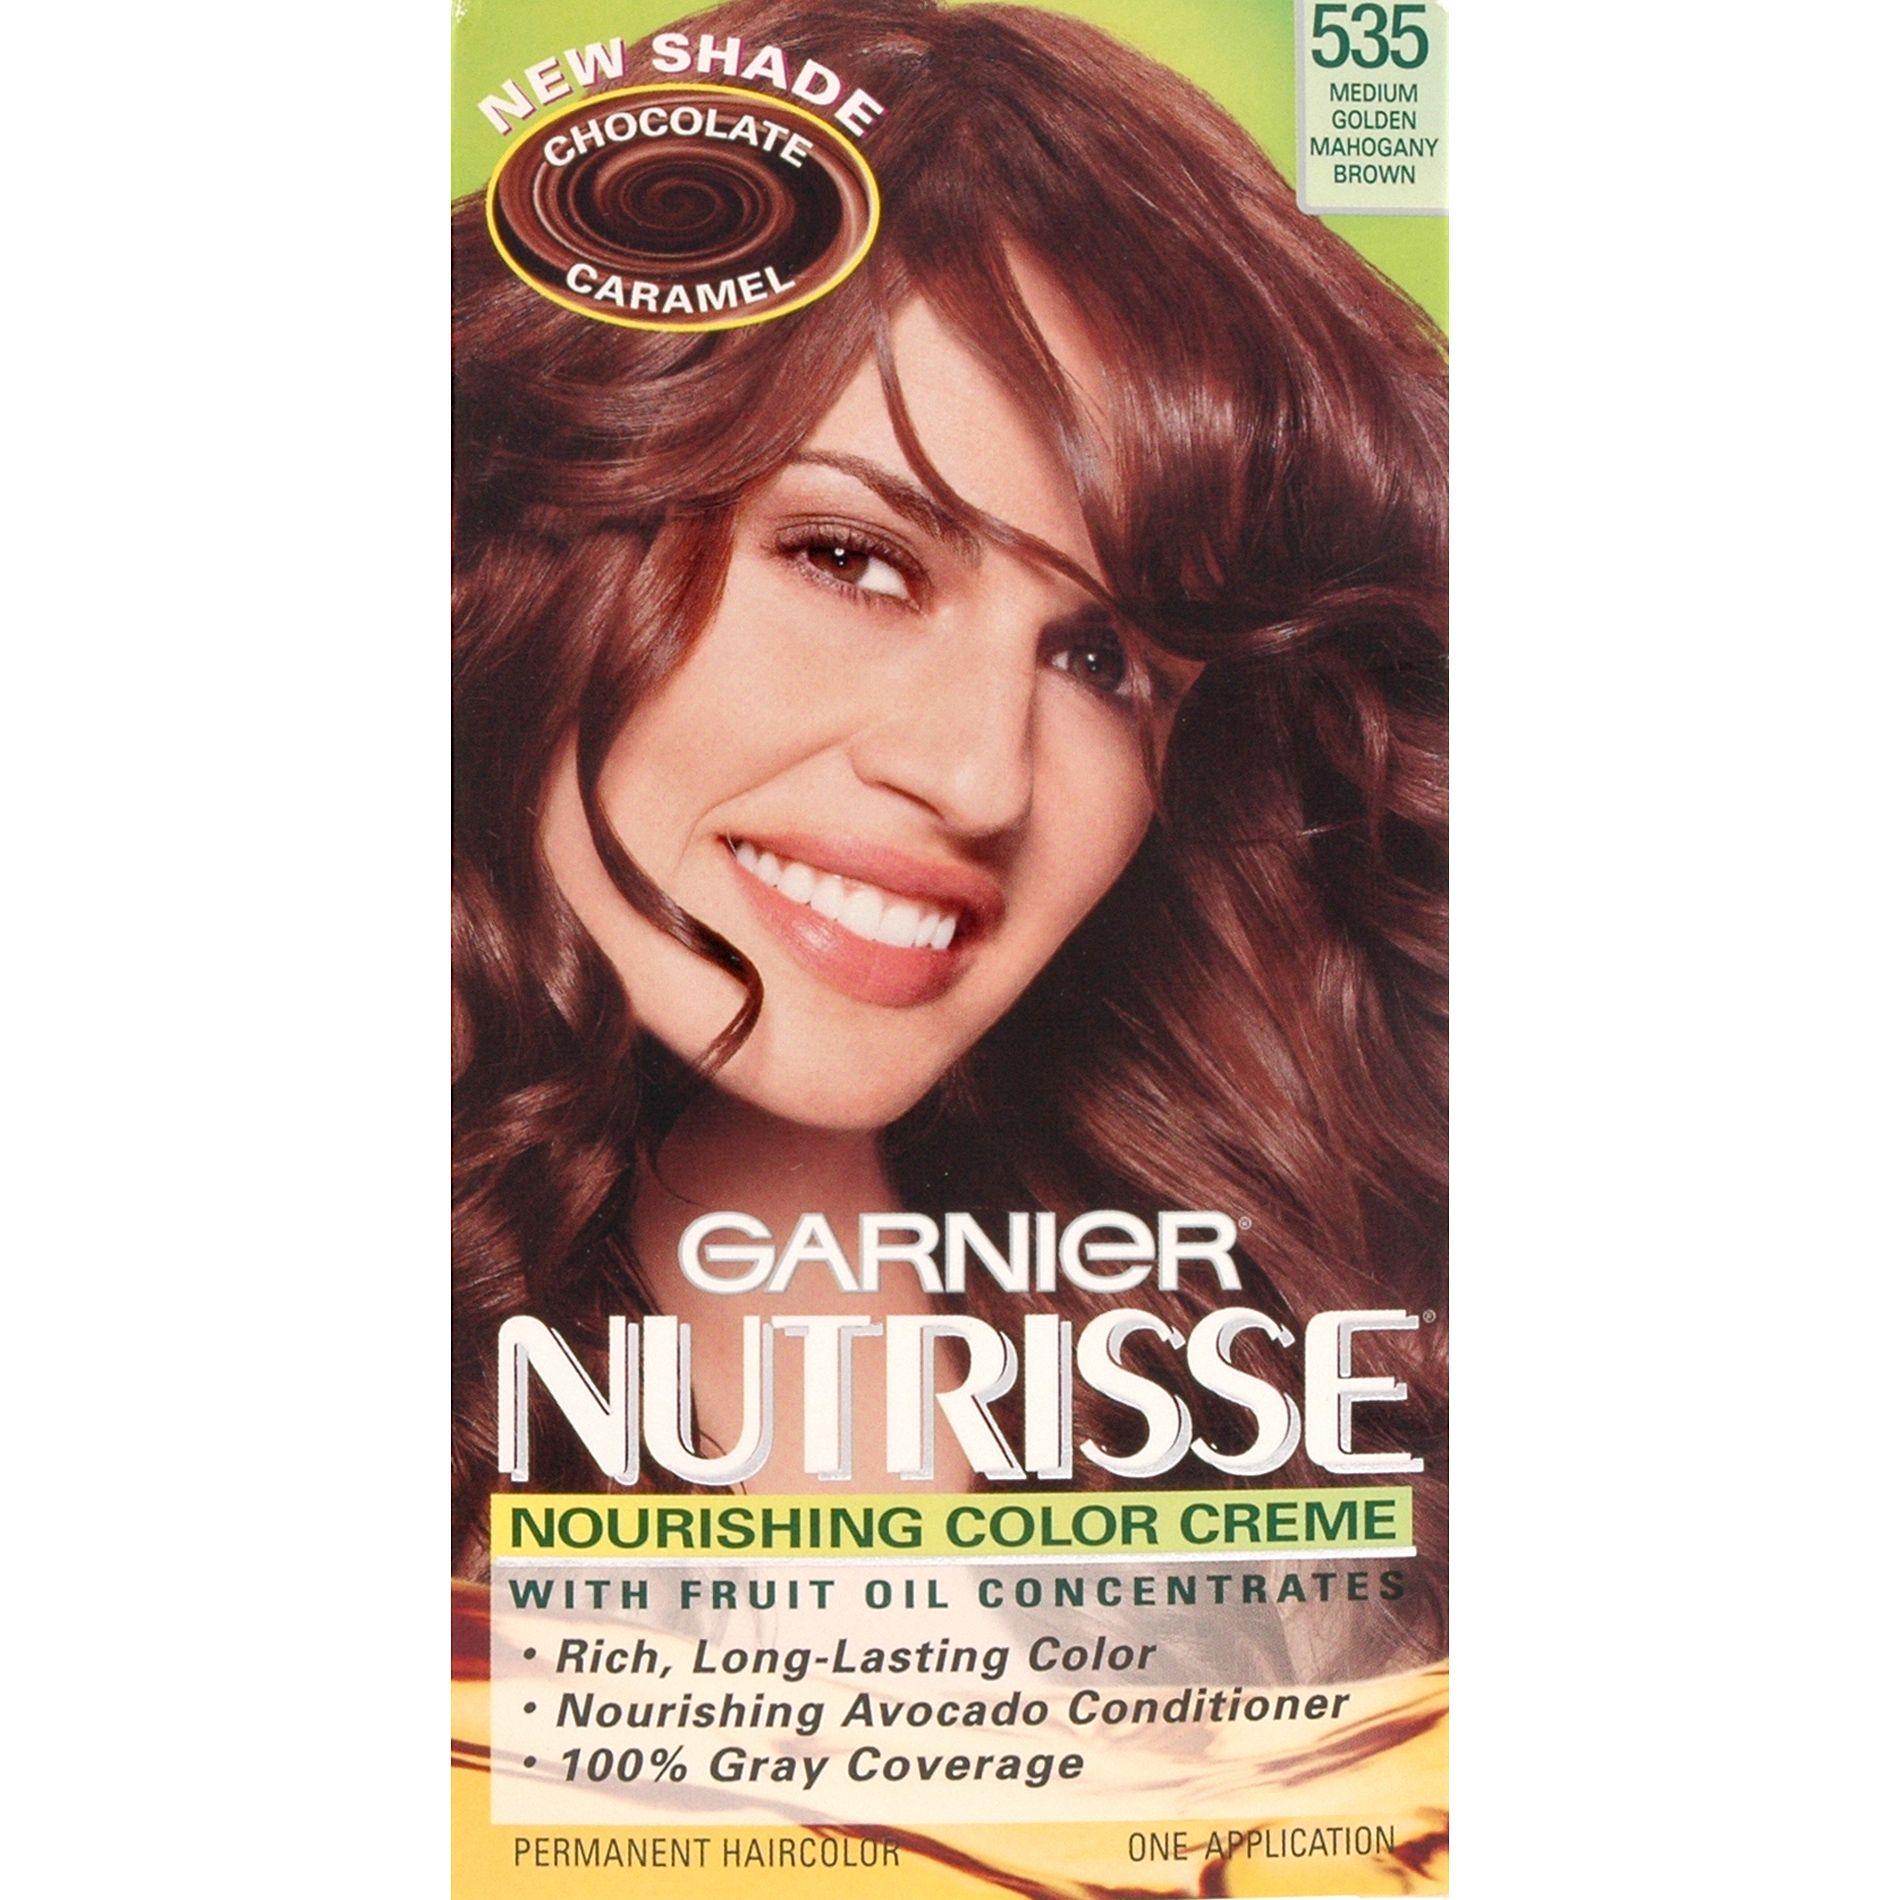 garnier permanent haircolor medium